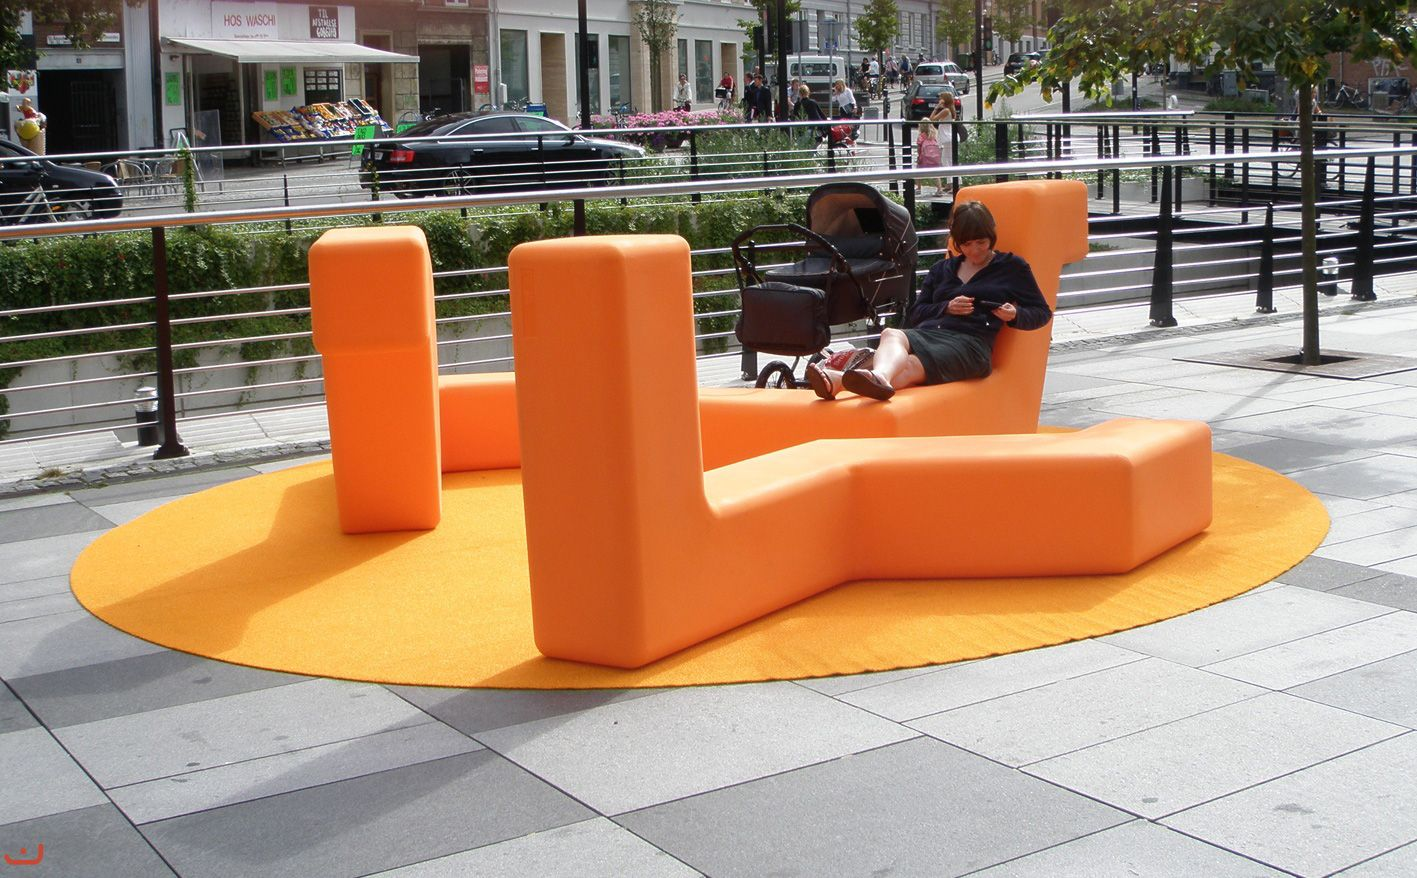 Bench Polyethylene Boa Concept Urbain Fabricant De Mobilier Urbain Street Furniture Manufacturer Street Furniture Public Seating Urban Furniture,Pennsylvania School Of Art And Design